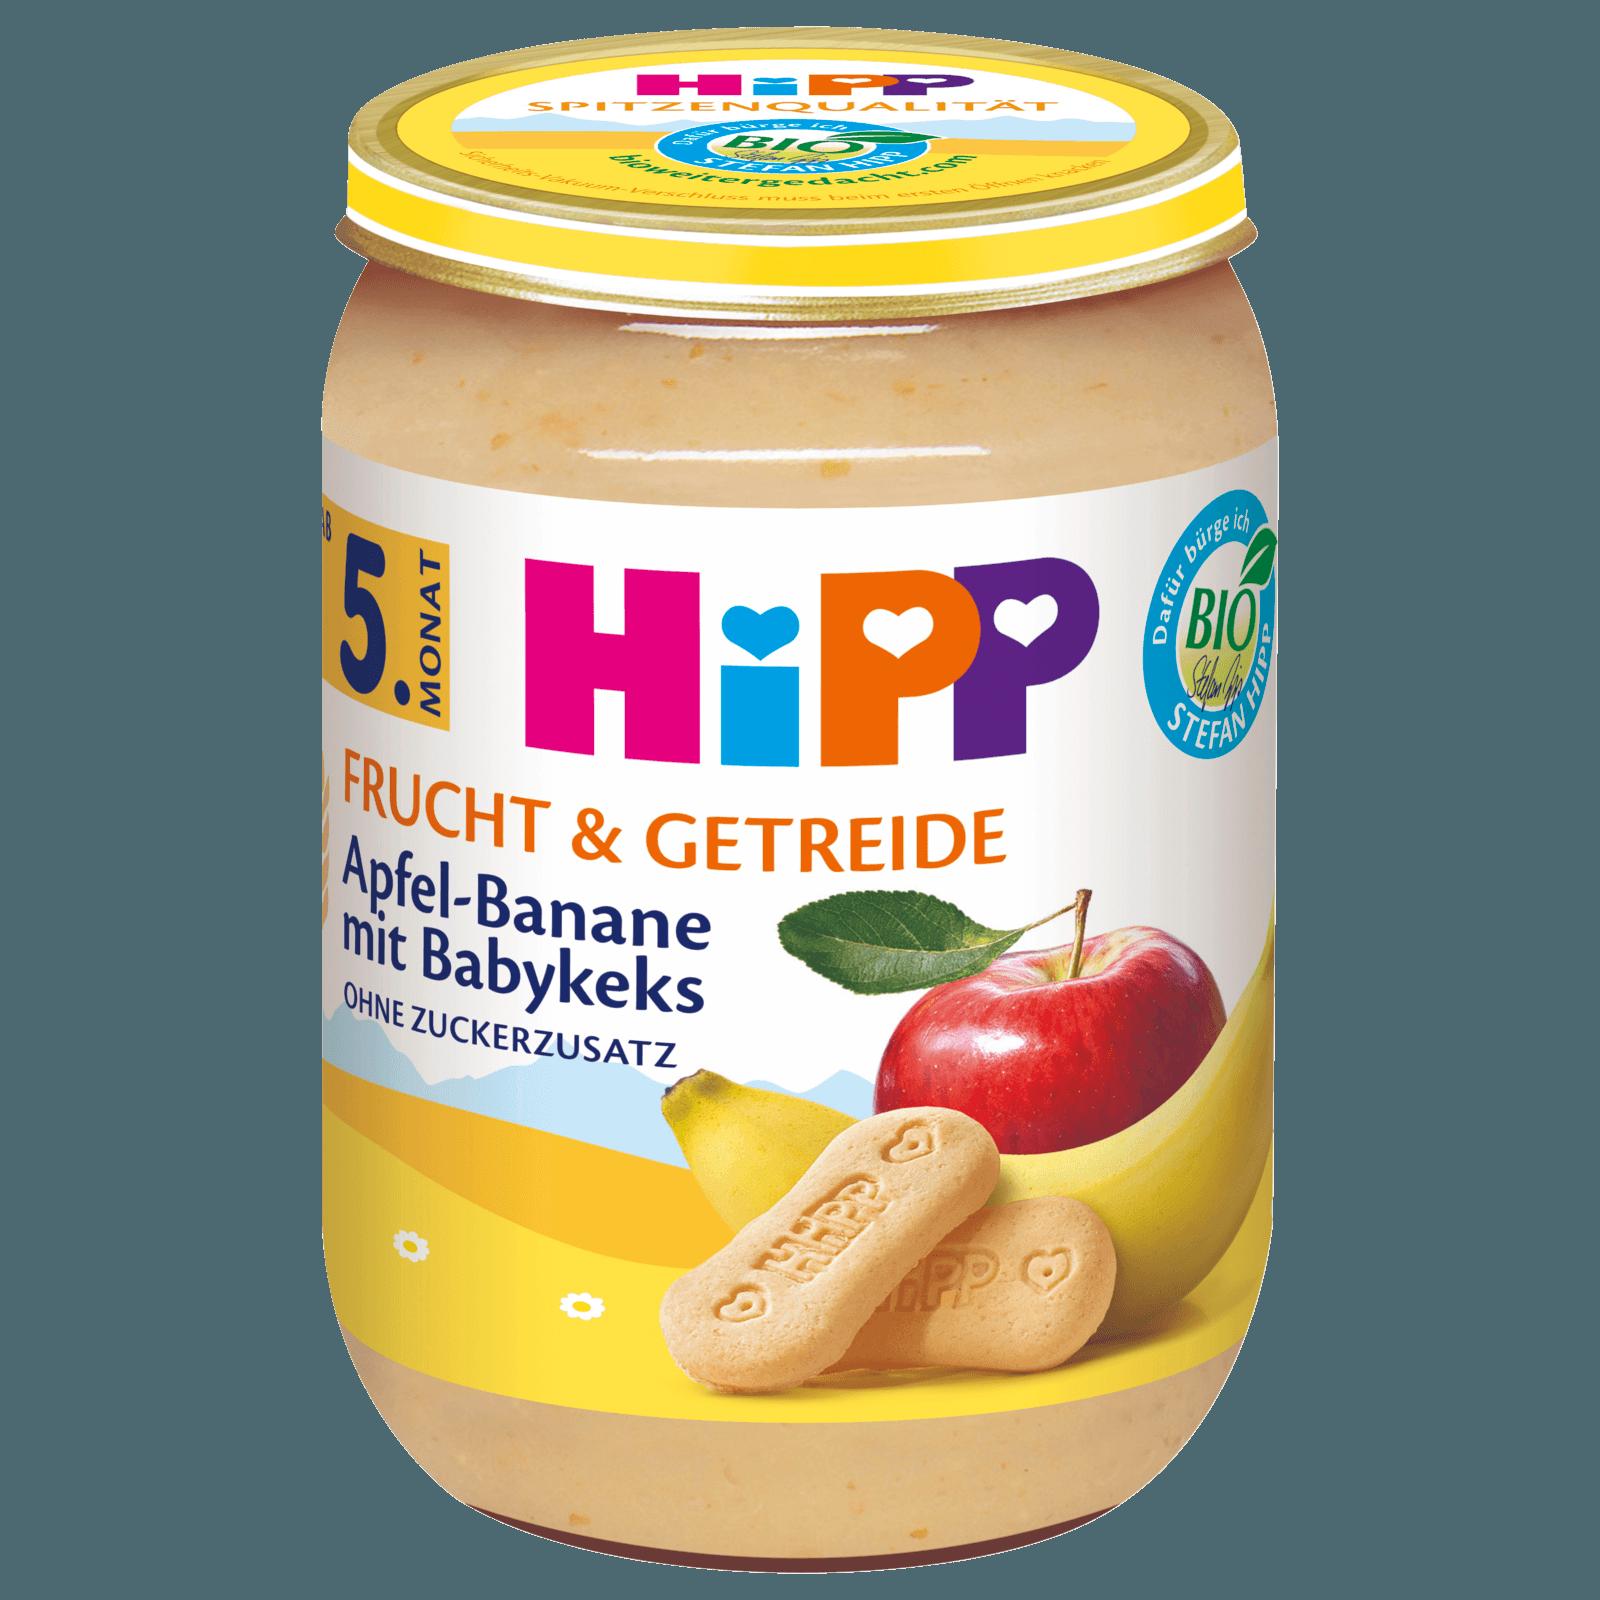 Hipp Frucht & Getreide Apfel-Banane mit Babykeks 190g